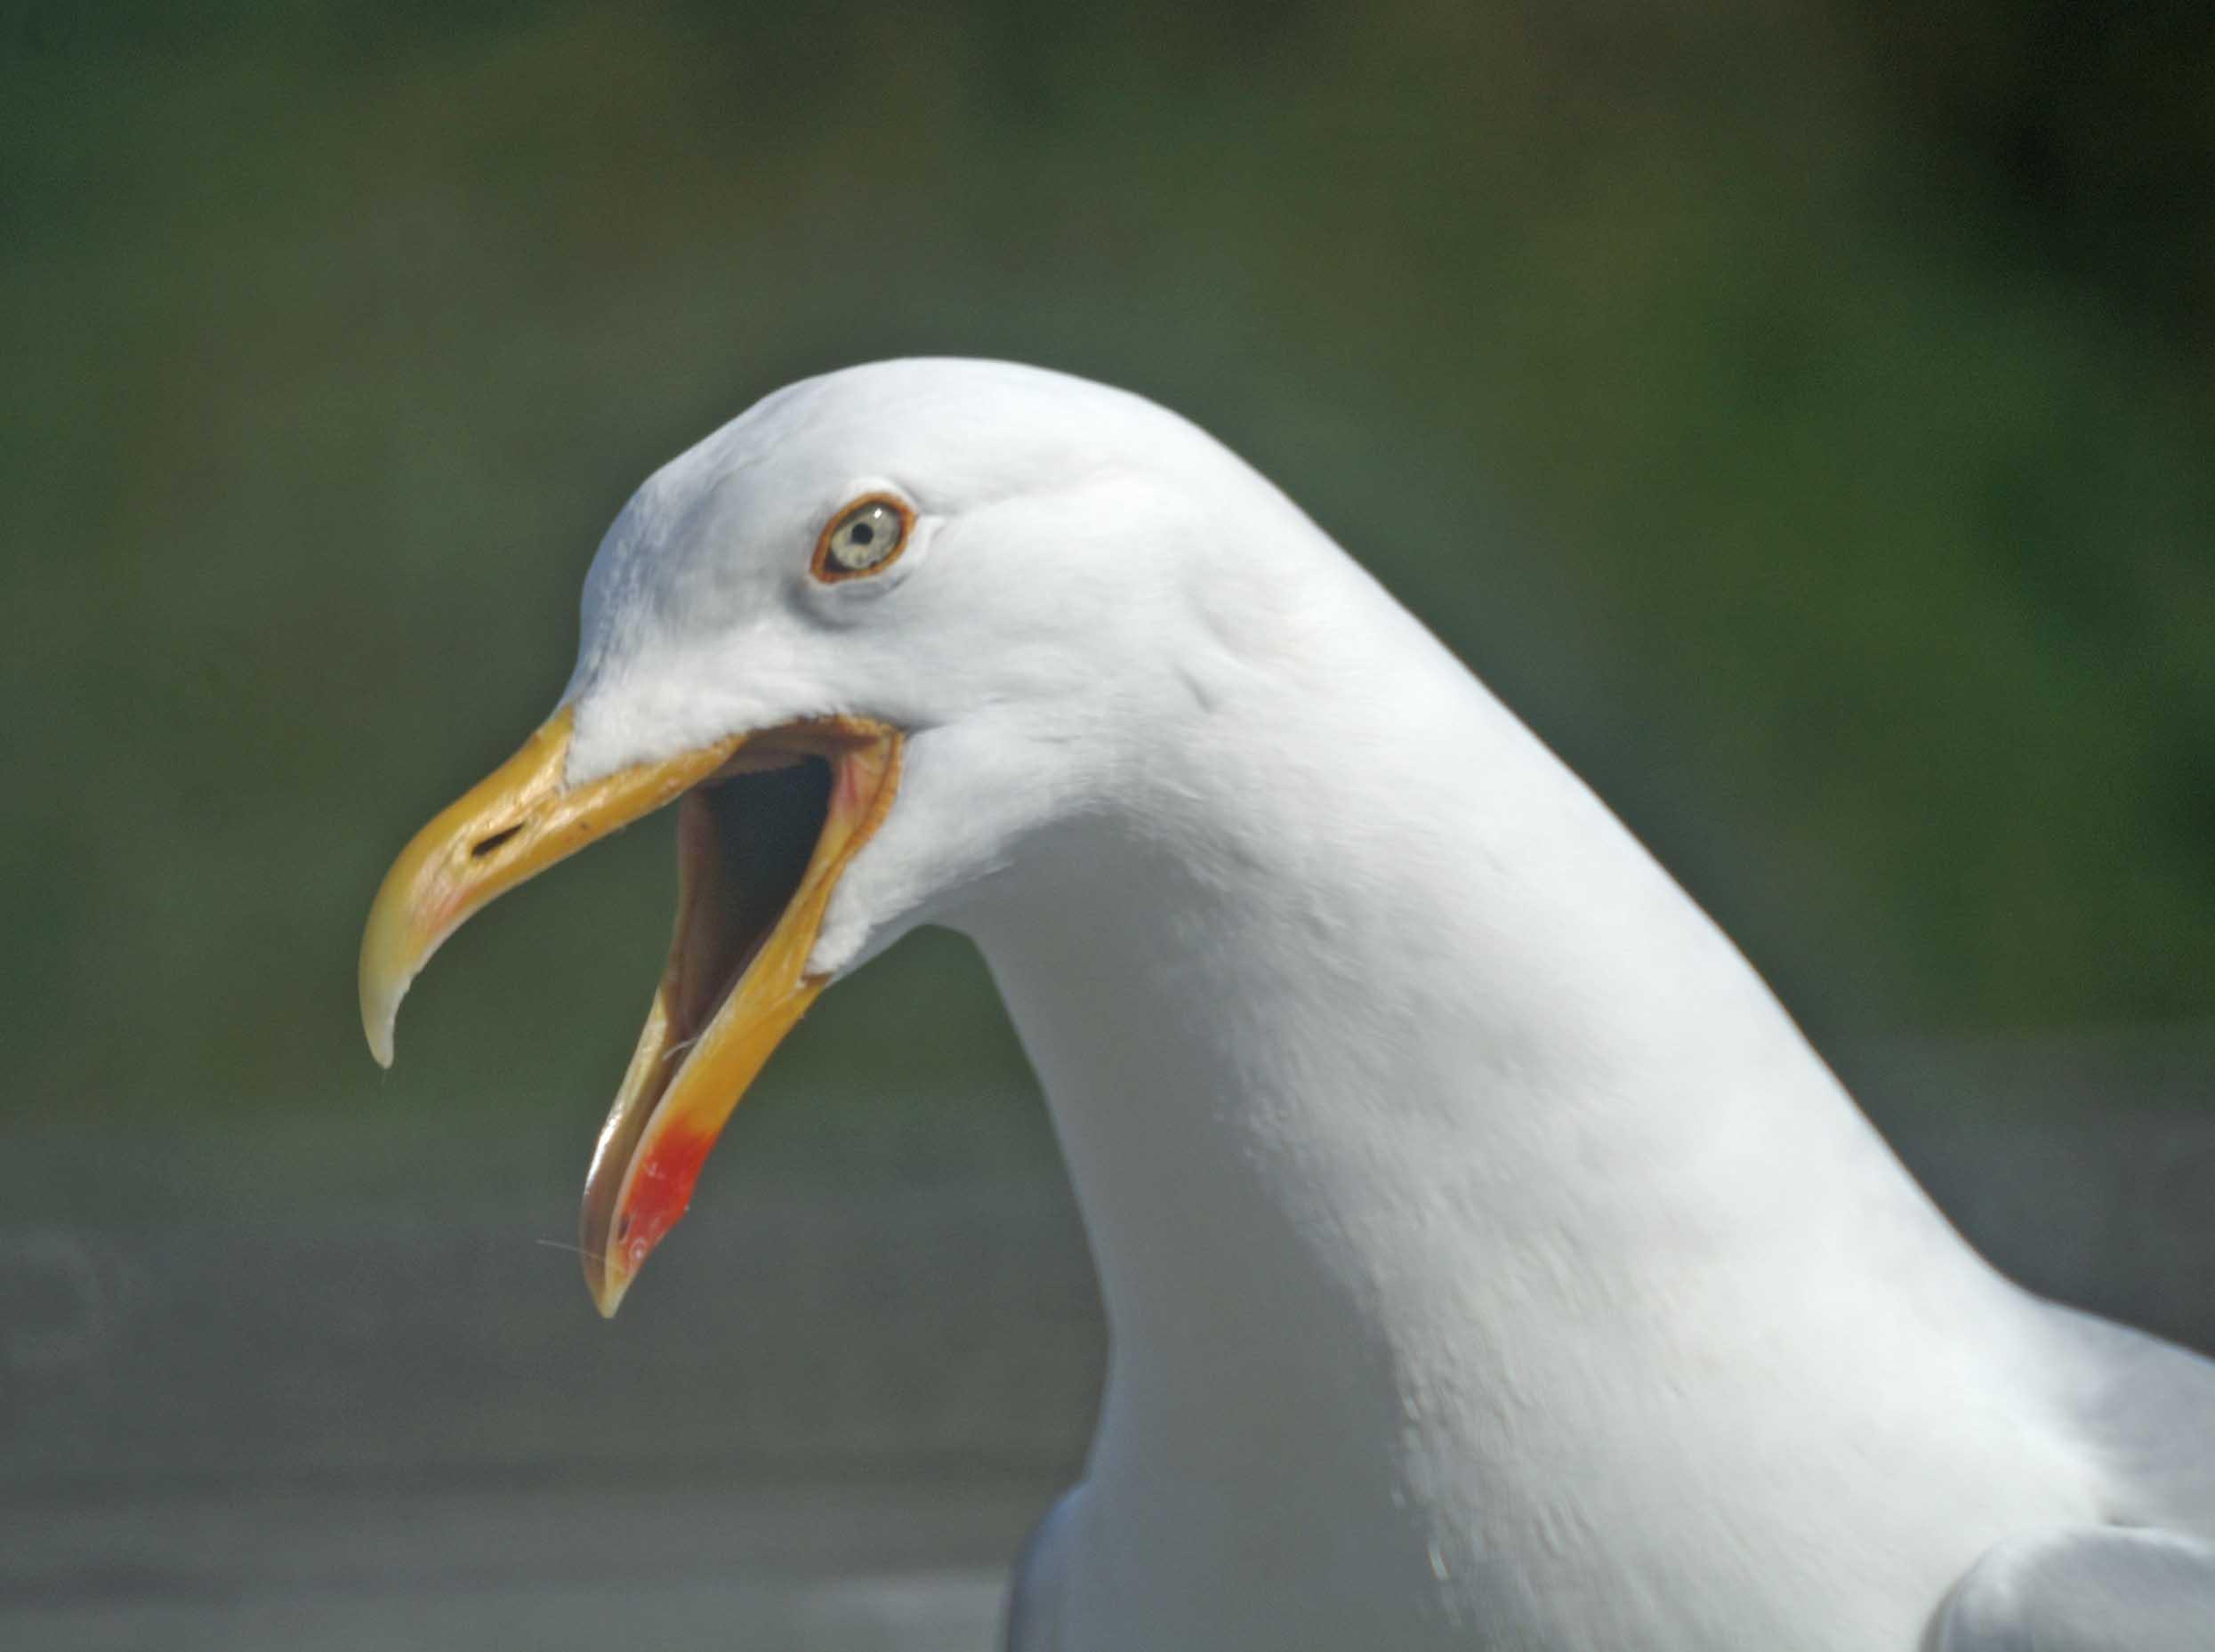 herring gull nuisance | everyday nature trails